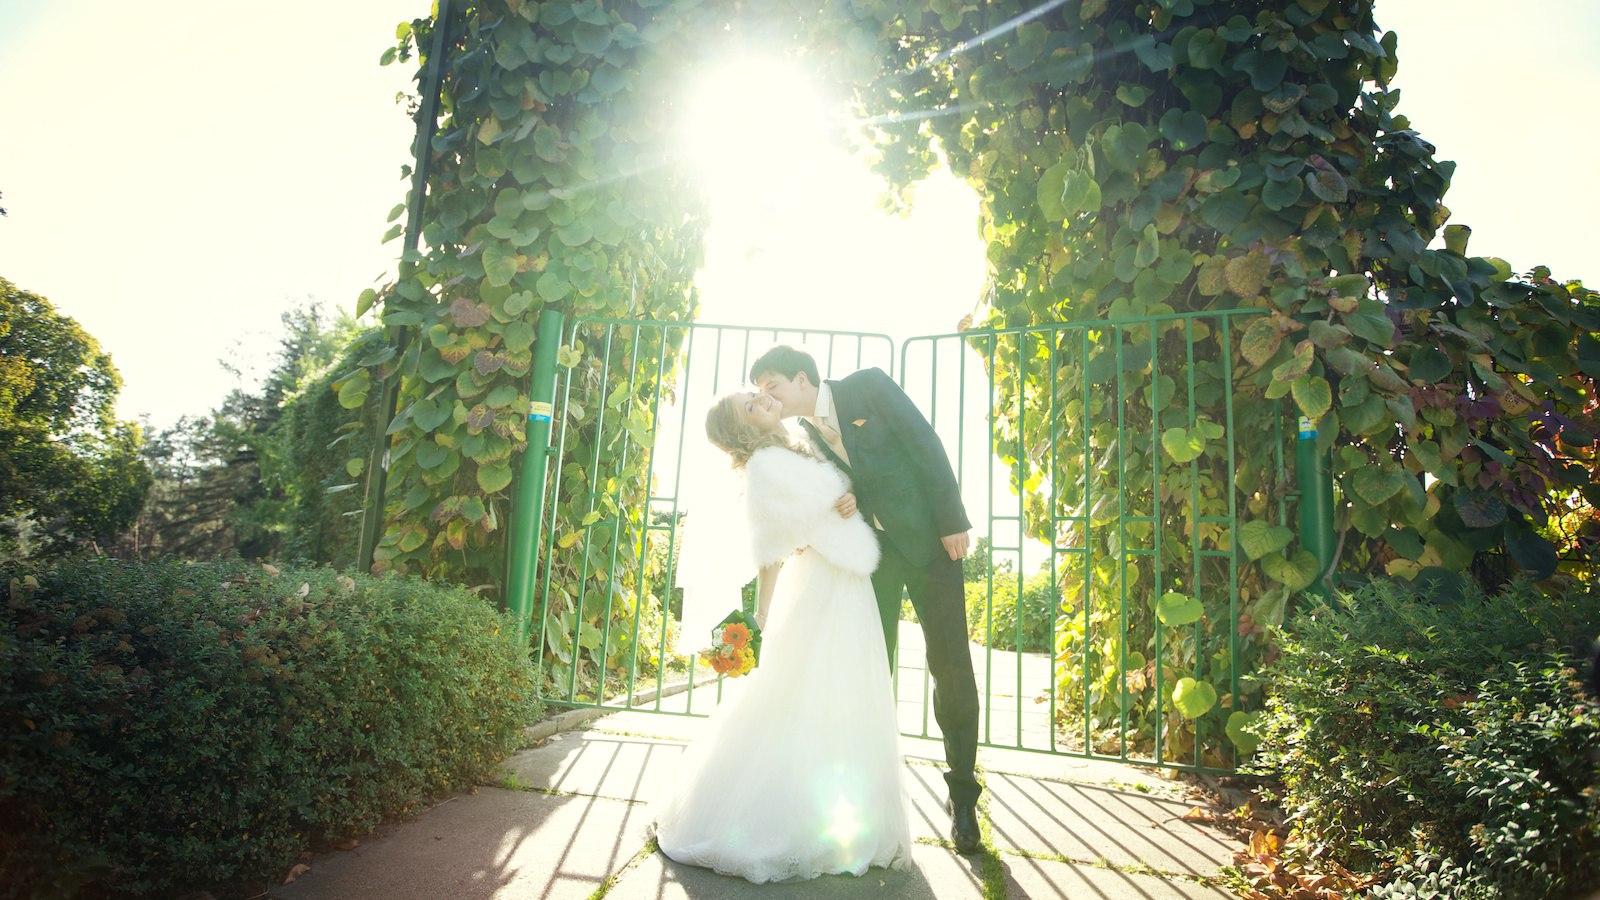 ZcJ2tb1qaKs - Как получать удовольствие от подготовки к свадьбе: 6 советов молодоженам